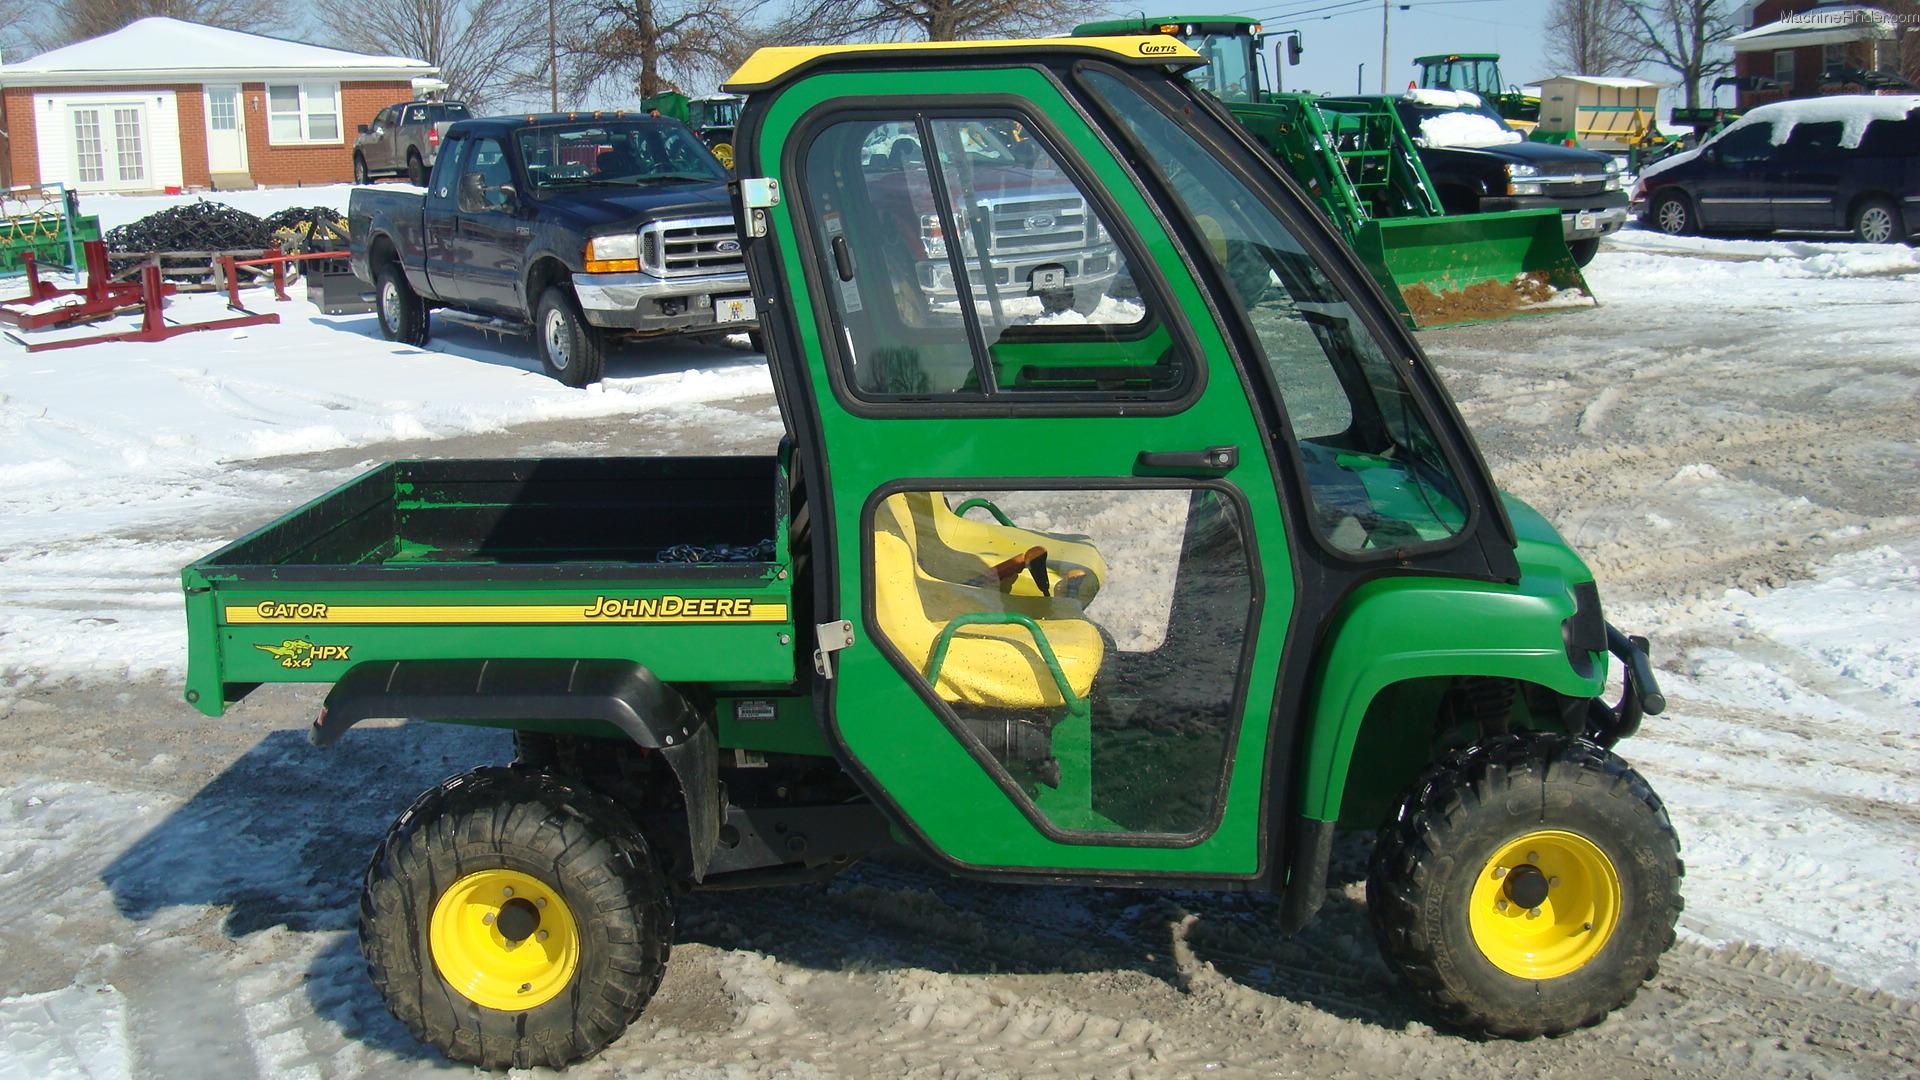 2005 John Deere Hpx Diesel Atv U0026 39 S And Gators